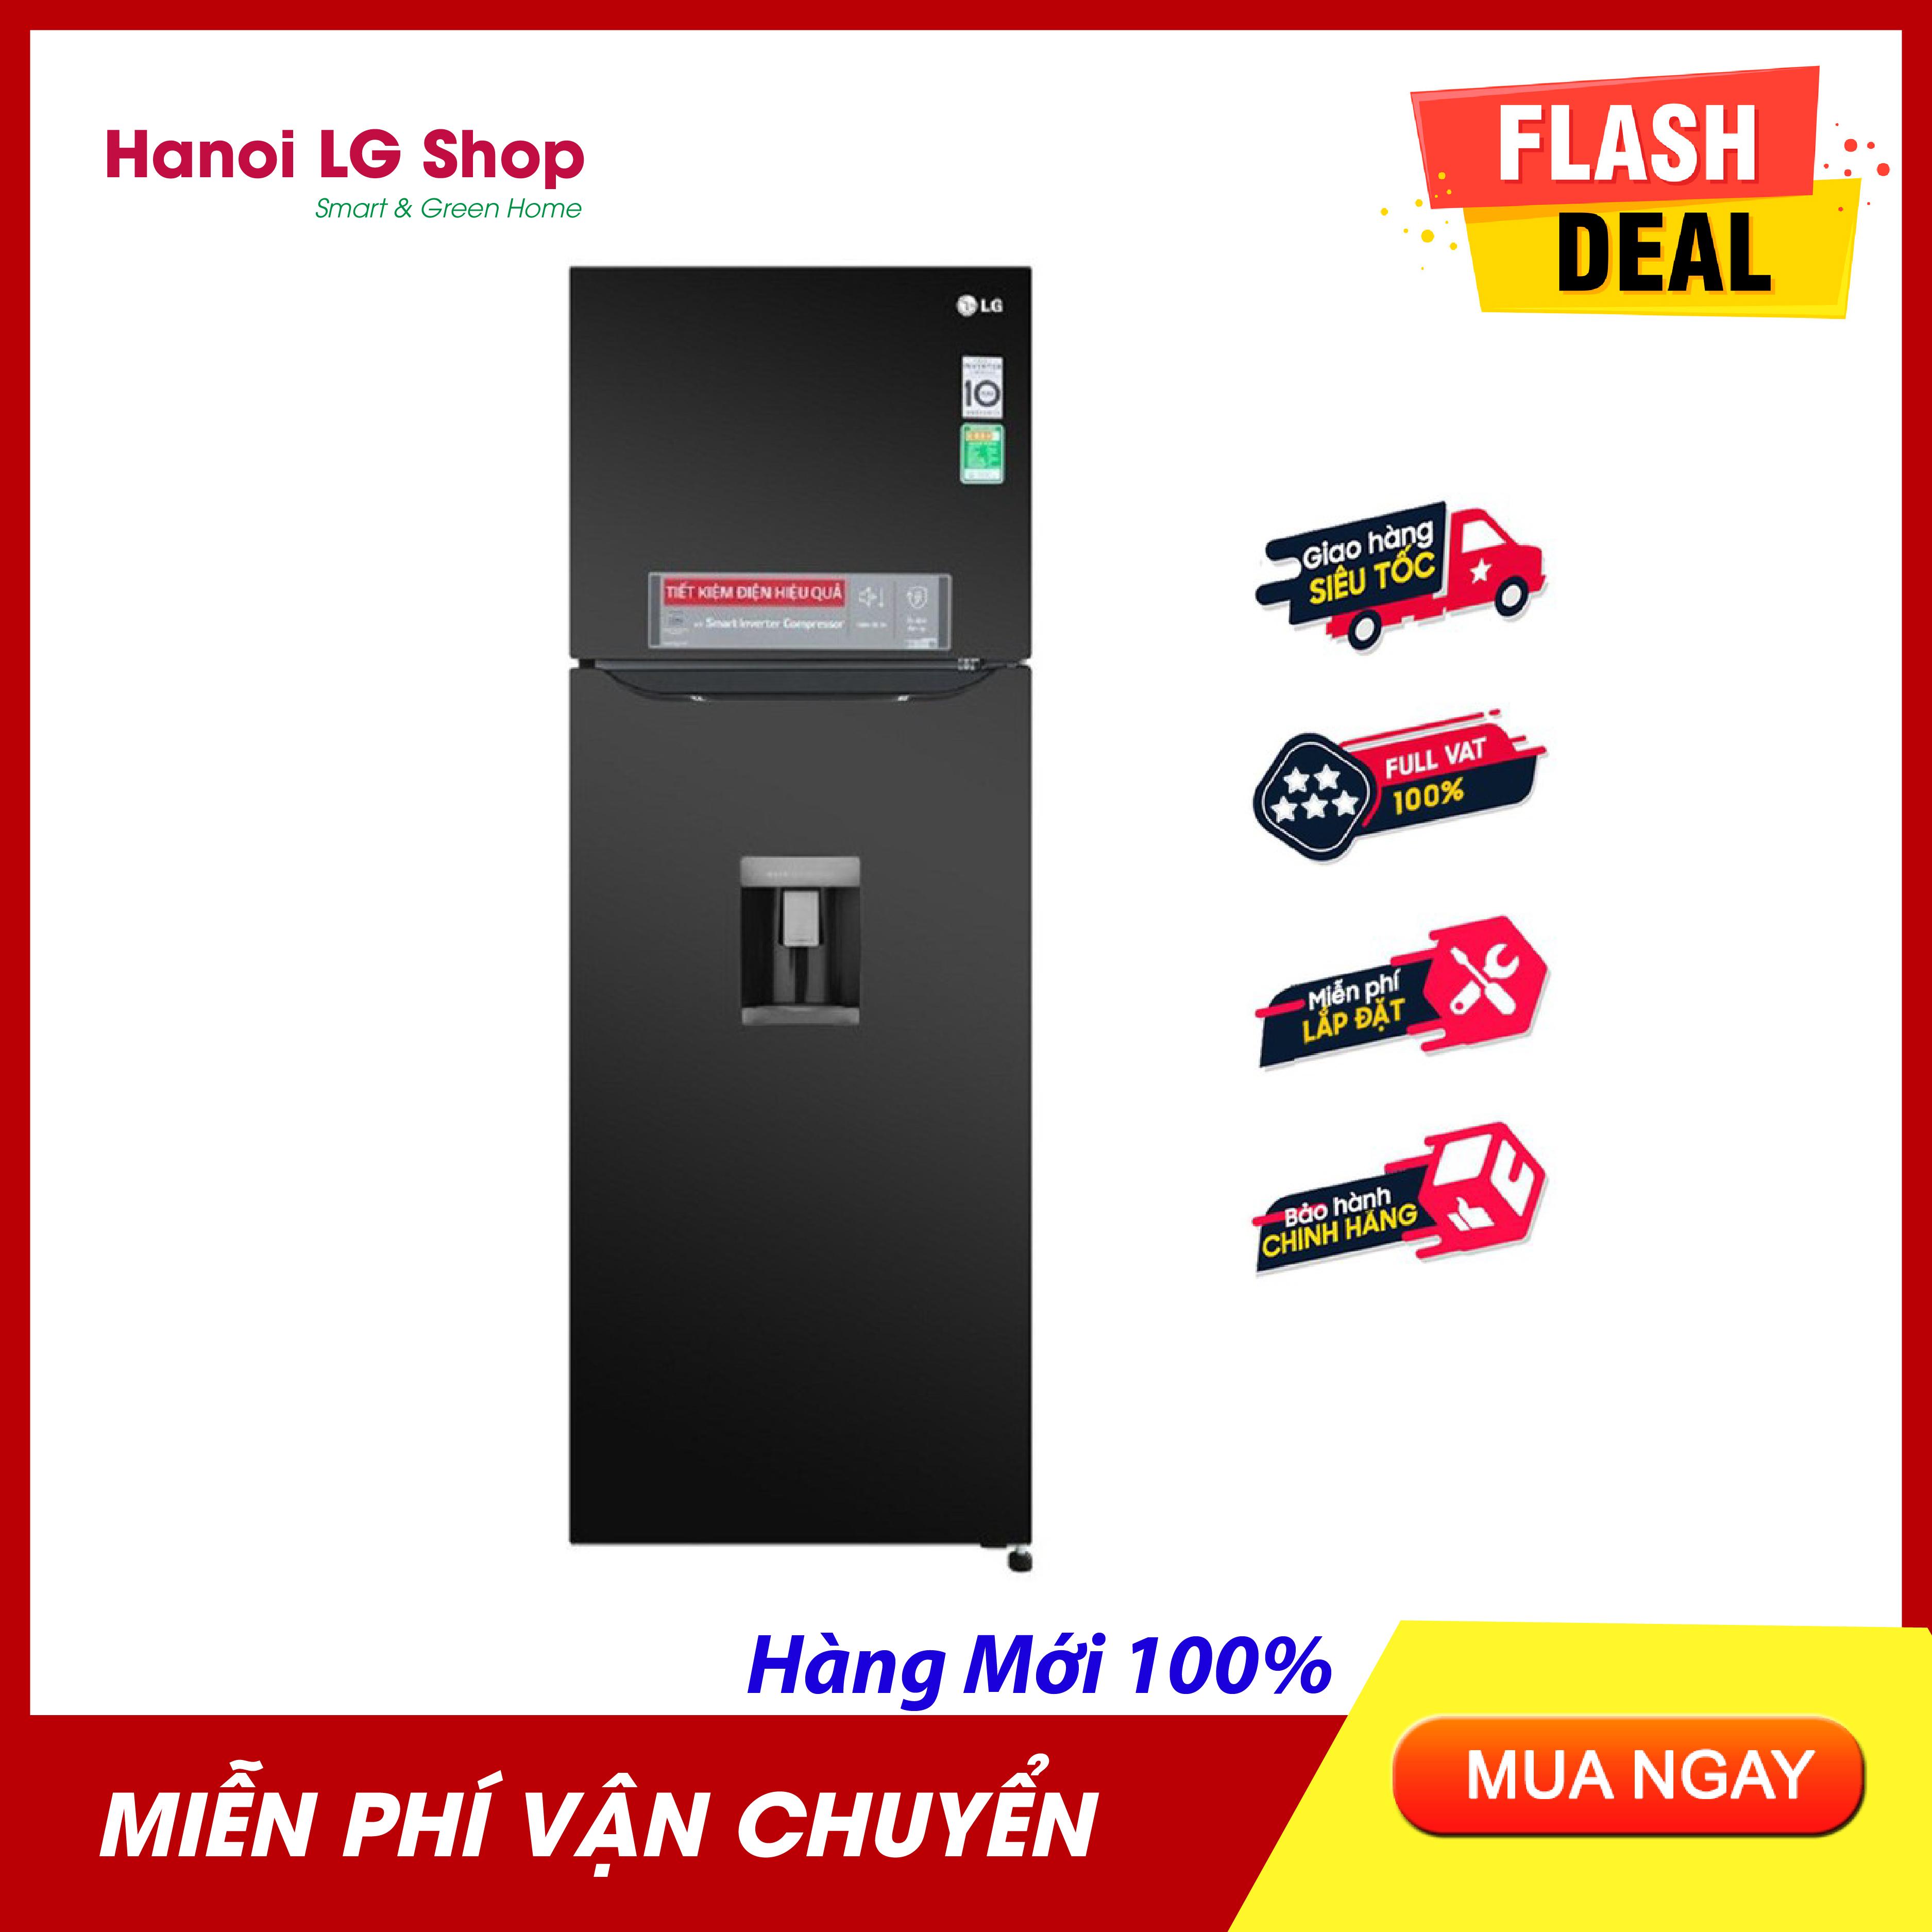 Mã Khuyến Mãi tại Lazada cho [HÀNG CÓ SẴN] Tủ Lạnh LG Inverter 315 Lít GN-D315BL